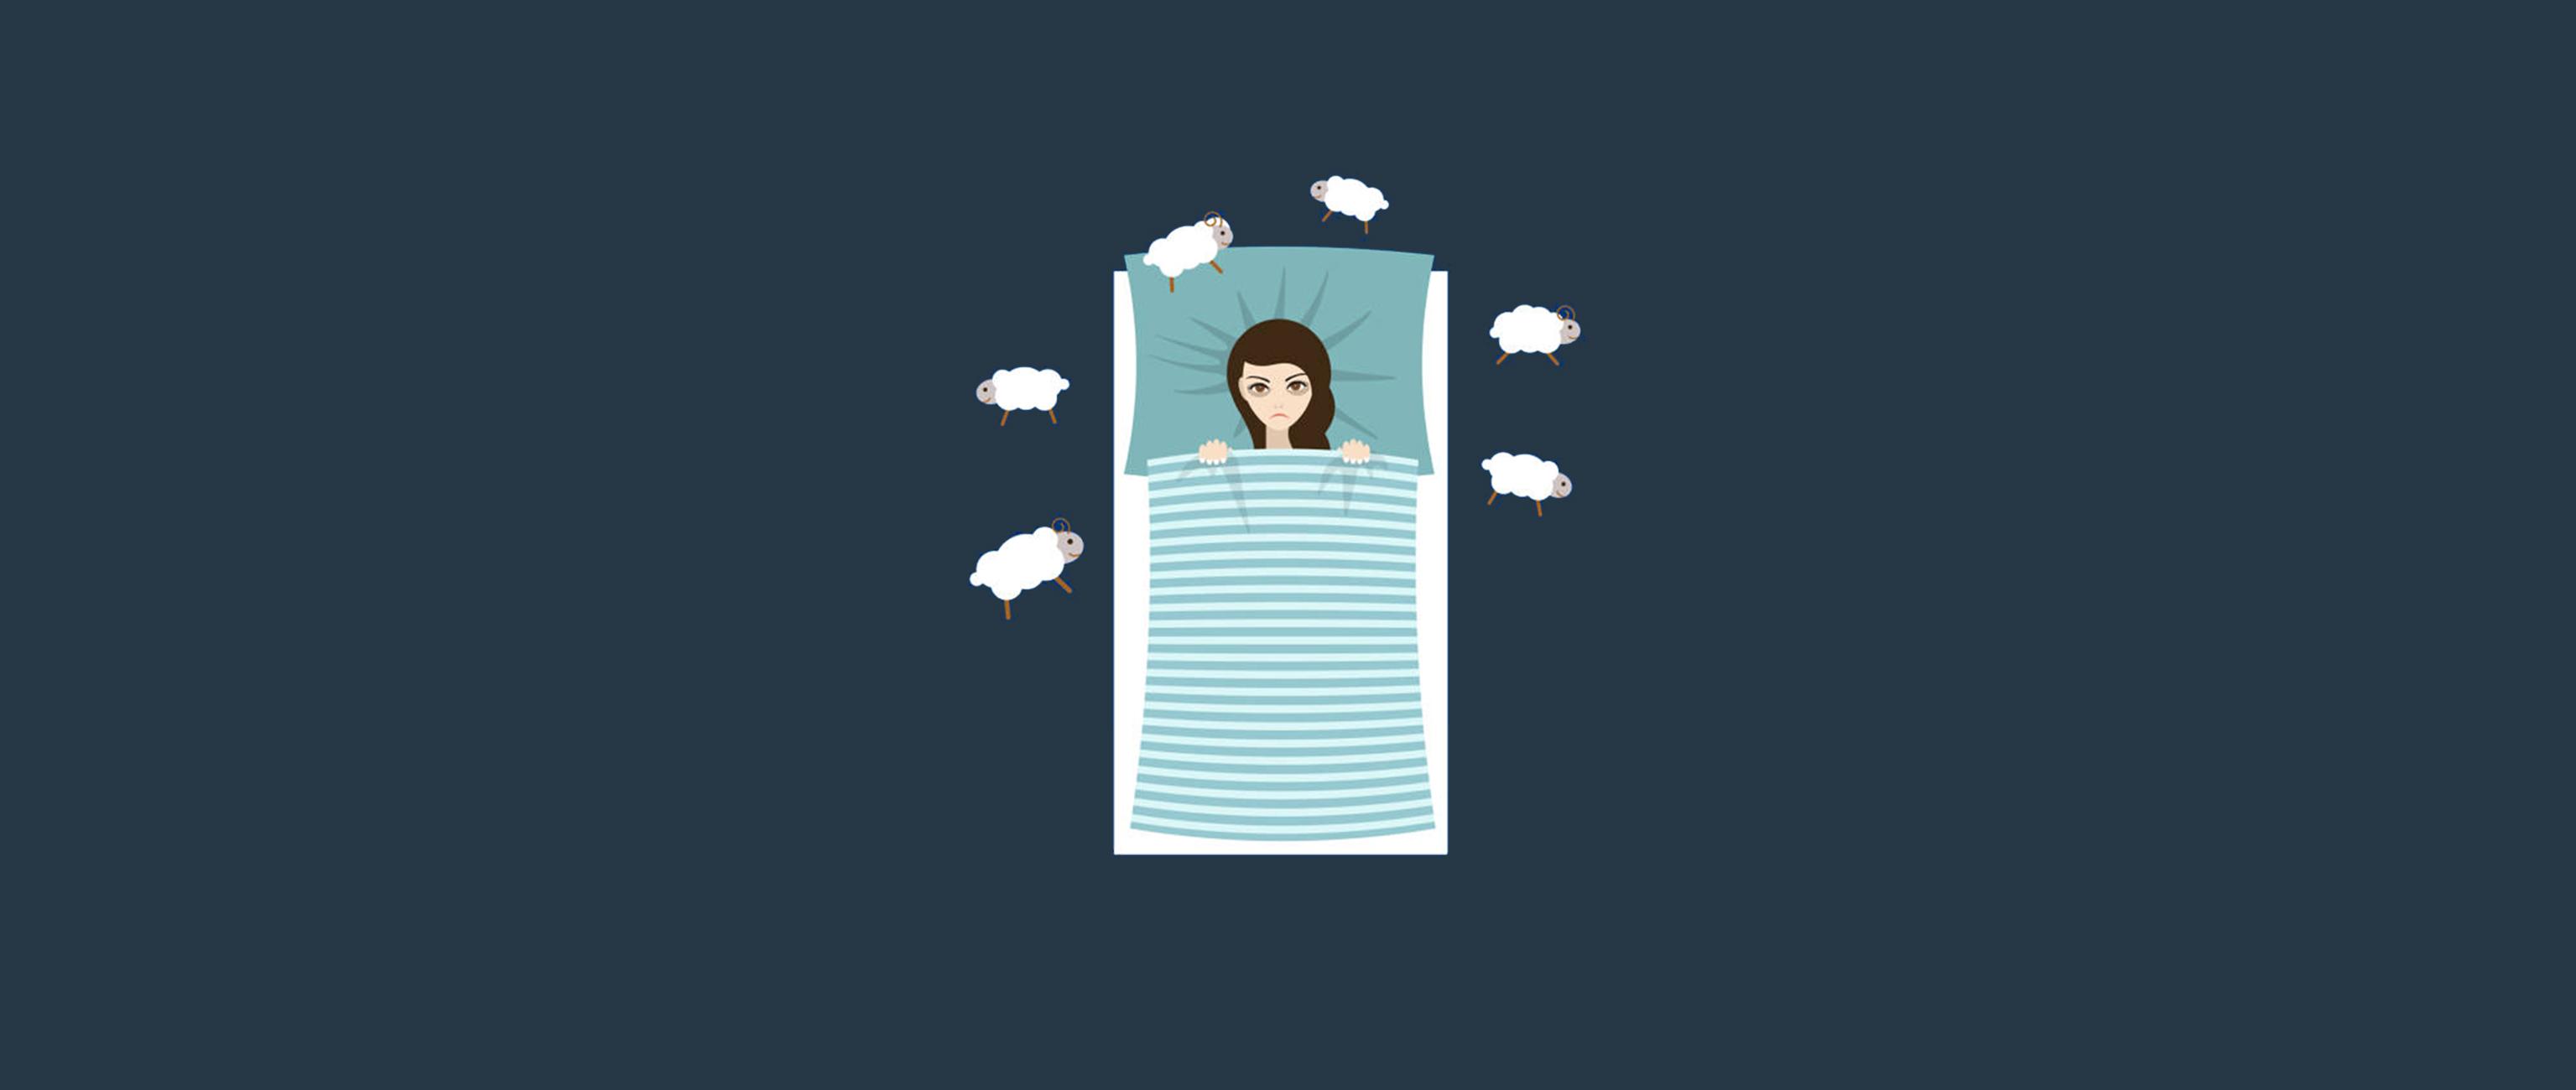 El insomnio y las estrategias para combatirlo - NeuroClass